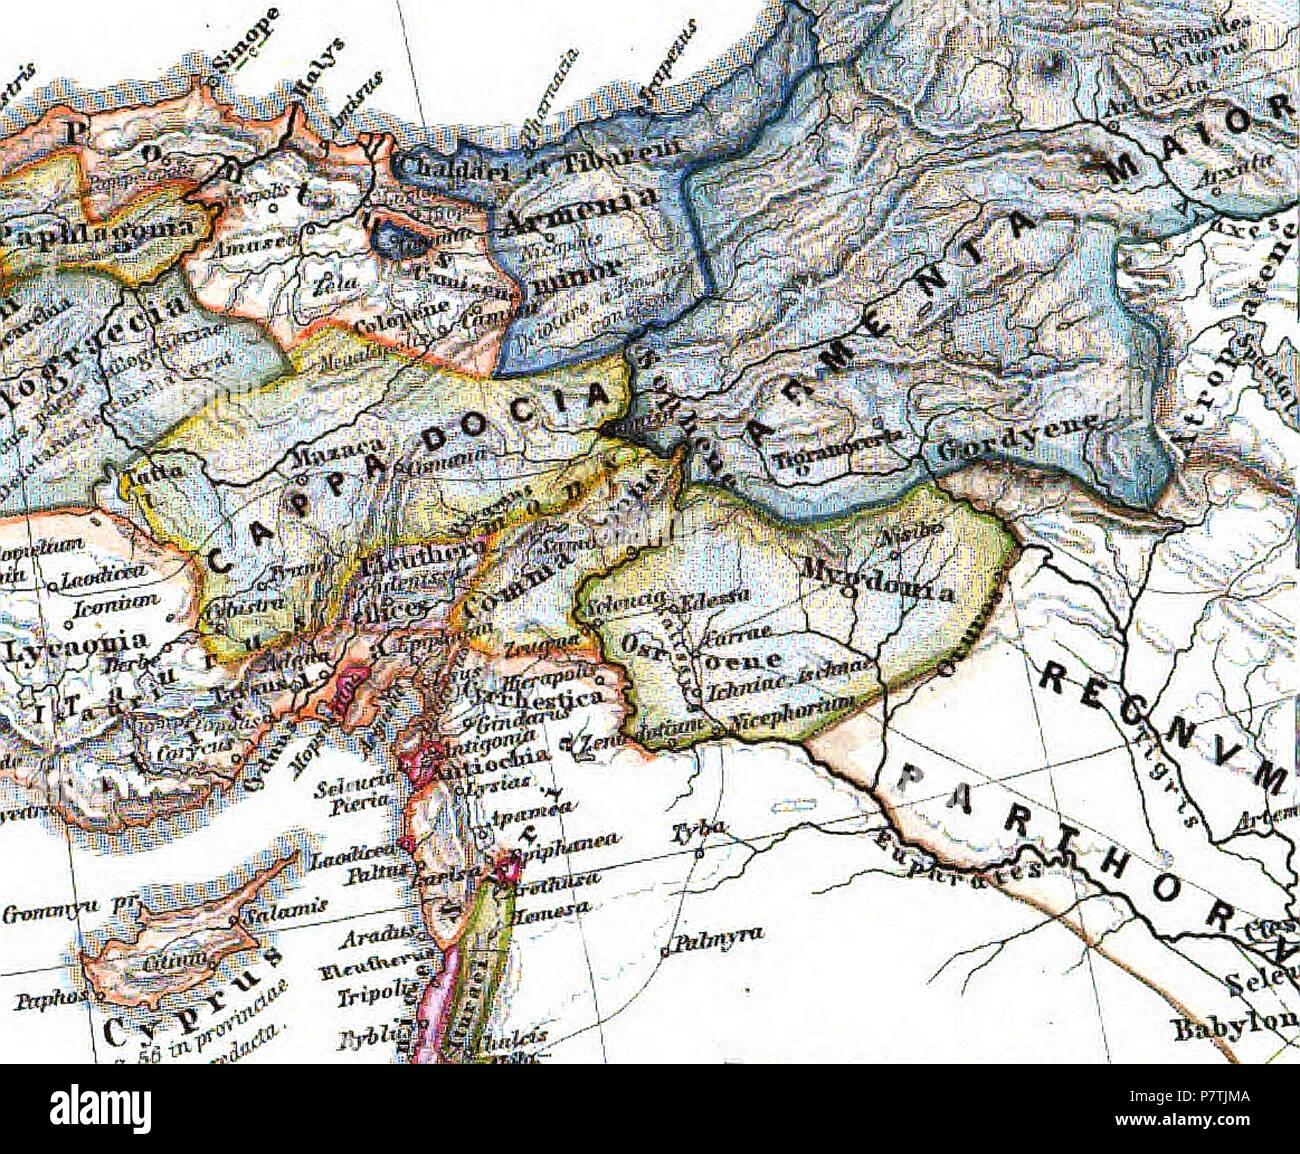 Landkarte Deutsch.Deutsch Landkarte Von Kleinarmenien 1865 26 Armenia Minor